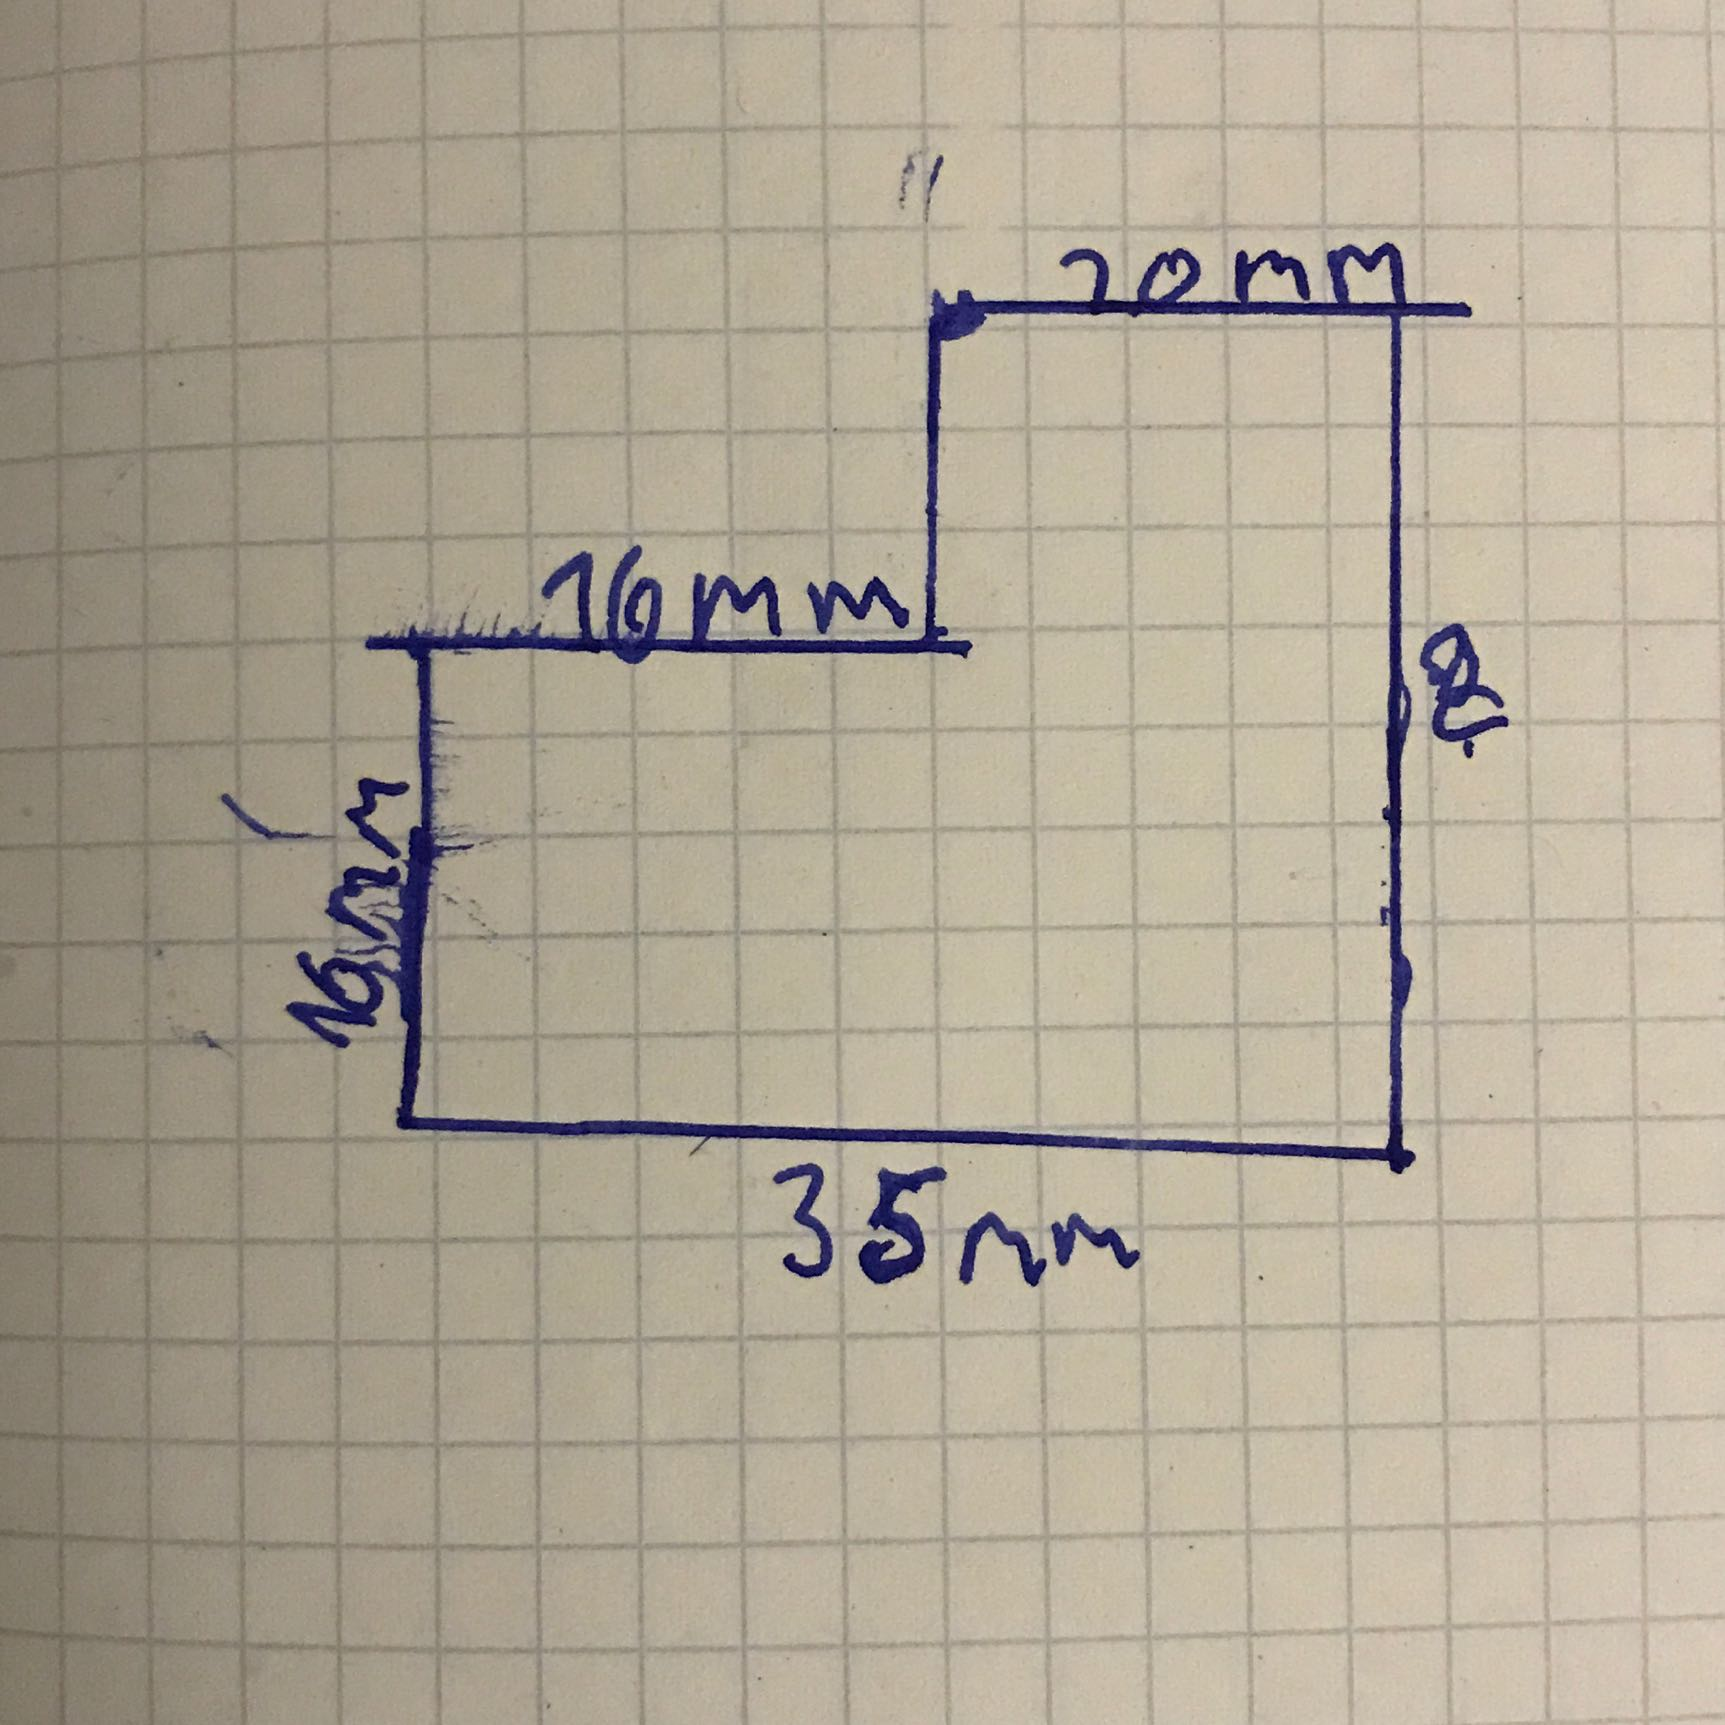 wie rechnet man das aus zusammengesetzte fl chen schule mathematik umfang. Black Bedroom Furniture Sets. Home Design Ideas